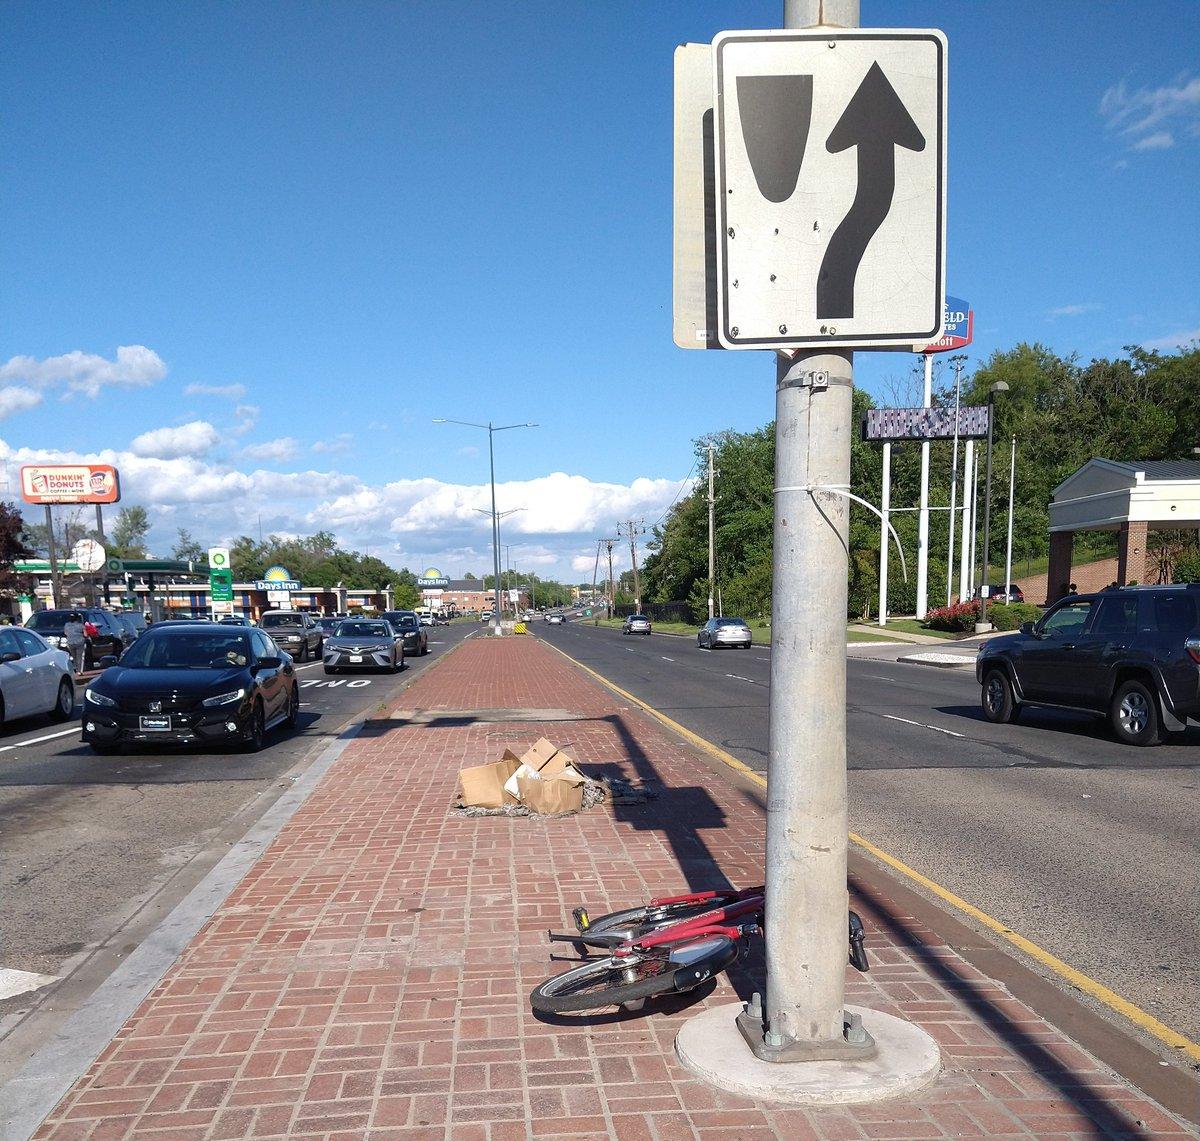 @bikeshare apparently abandoned bike, NY Ave NE on the median just east of Bladensburg Rd NE. https://t.co/hgeNBrBypE